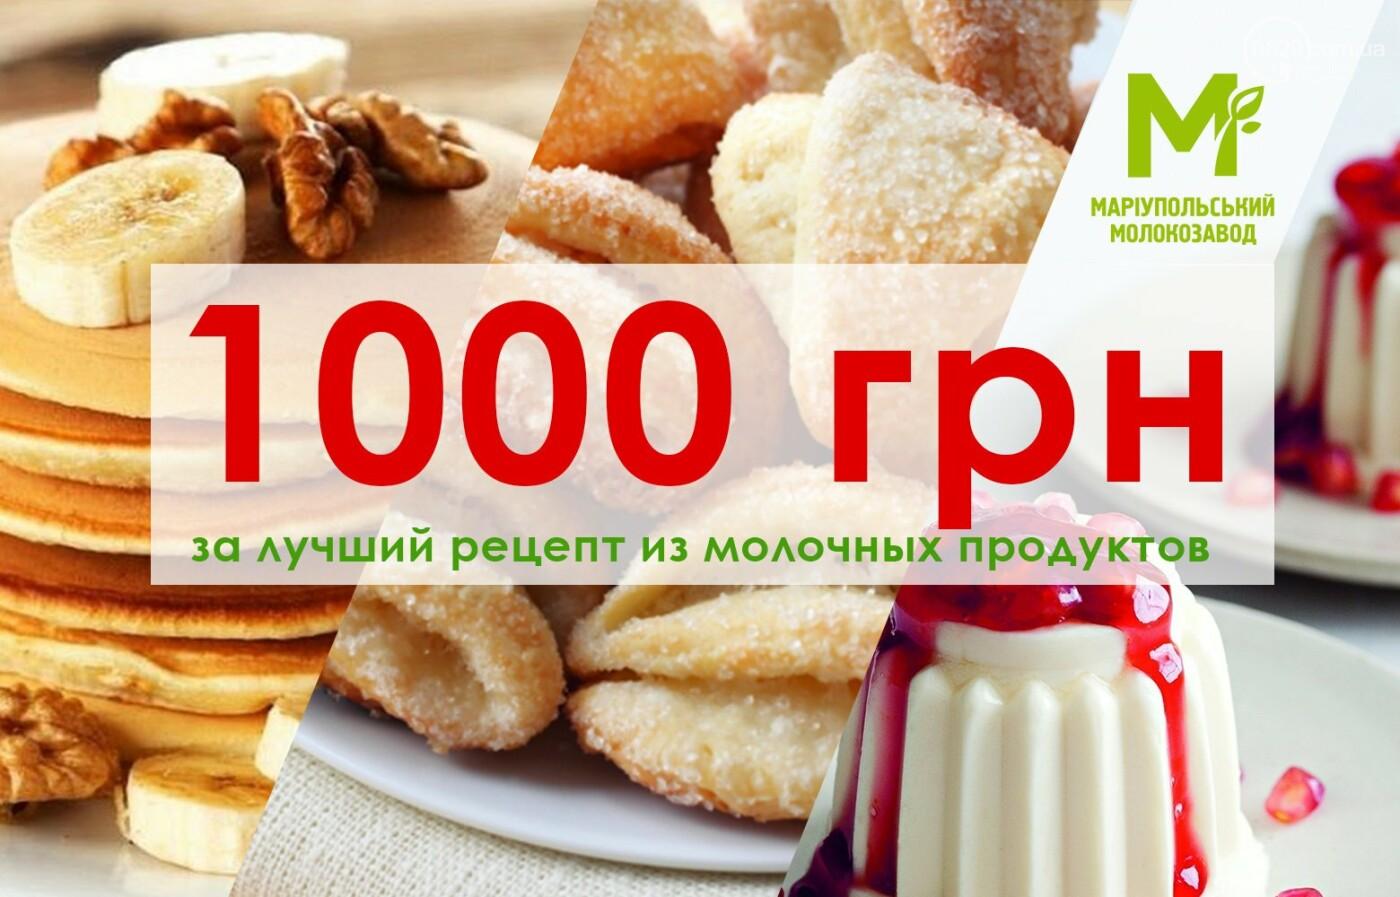 Ко Дню пищевика Мариупольский молокозавод дарит 1000 гривен  , фото-7